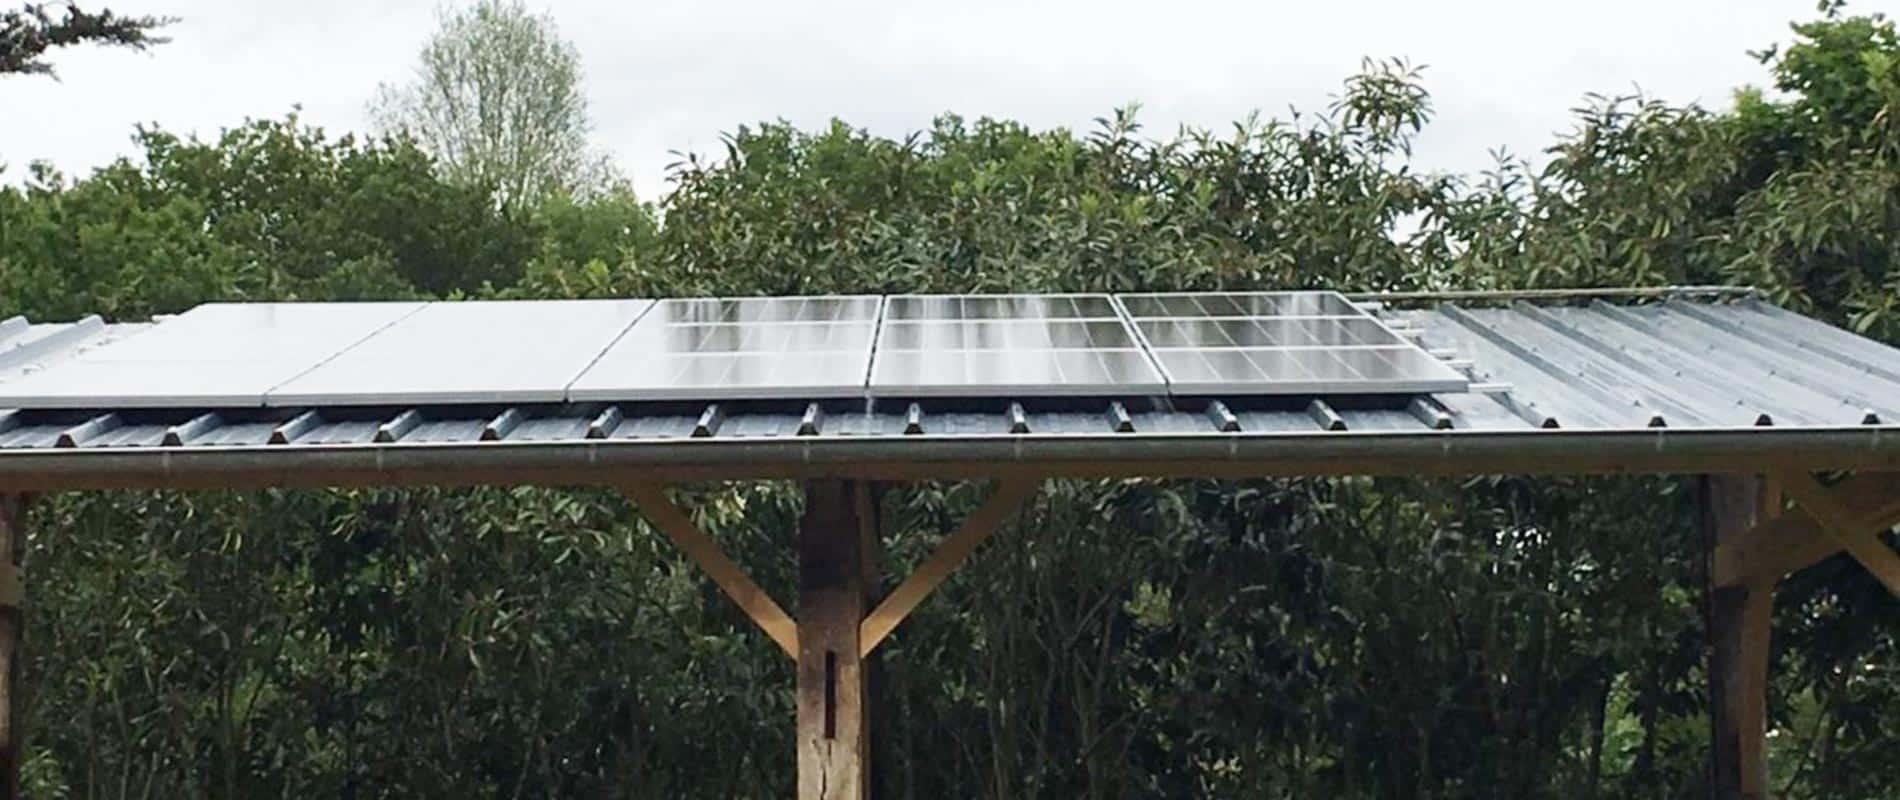 Les installations solaires Vertsun pour Site isolé hors réseau